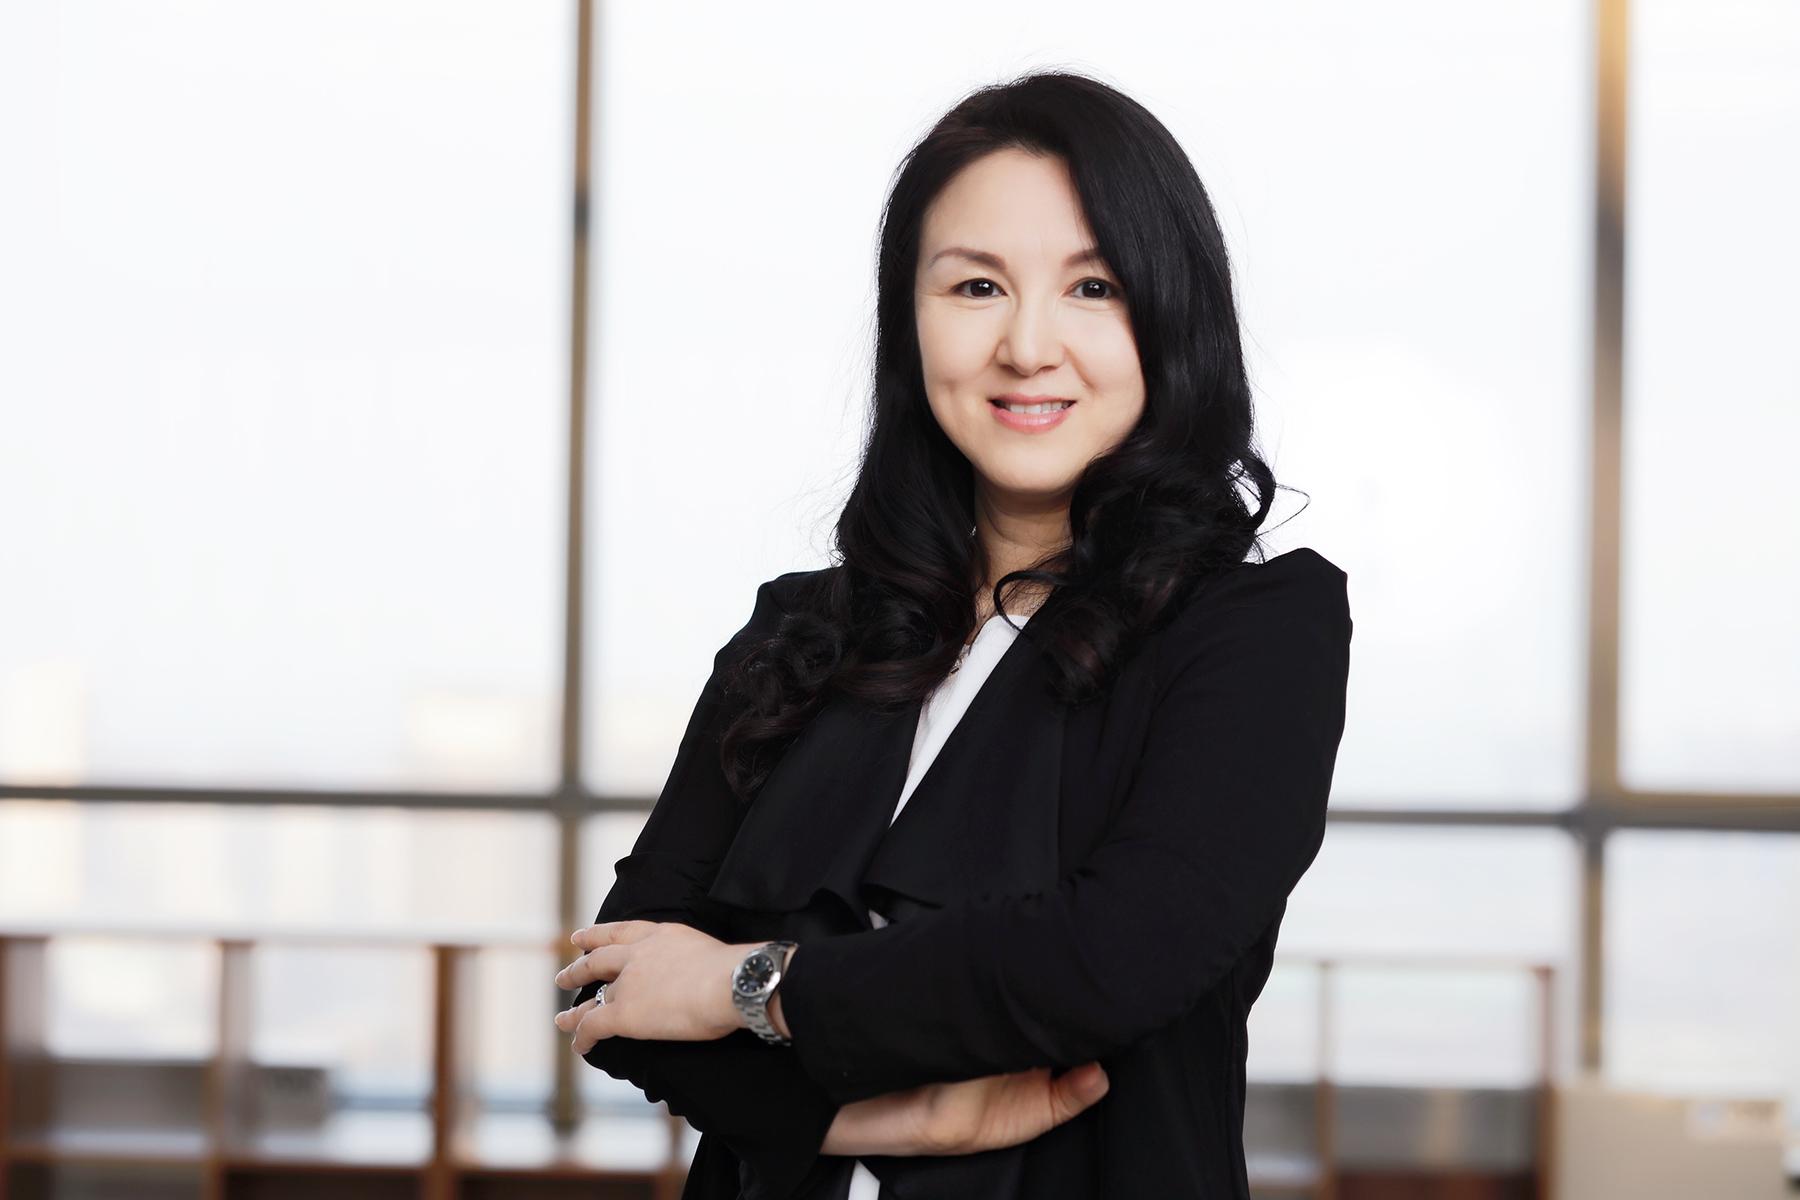 京东冯毅大数据人工智能供应链和消费者